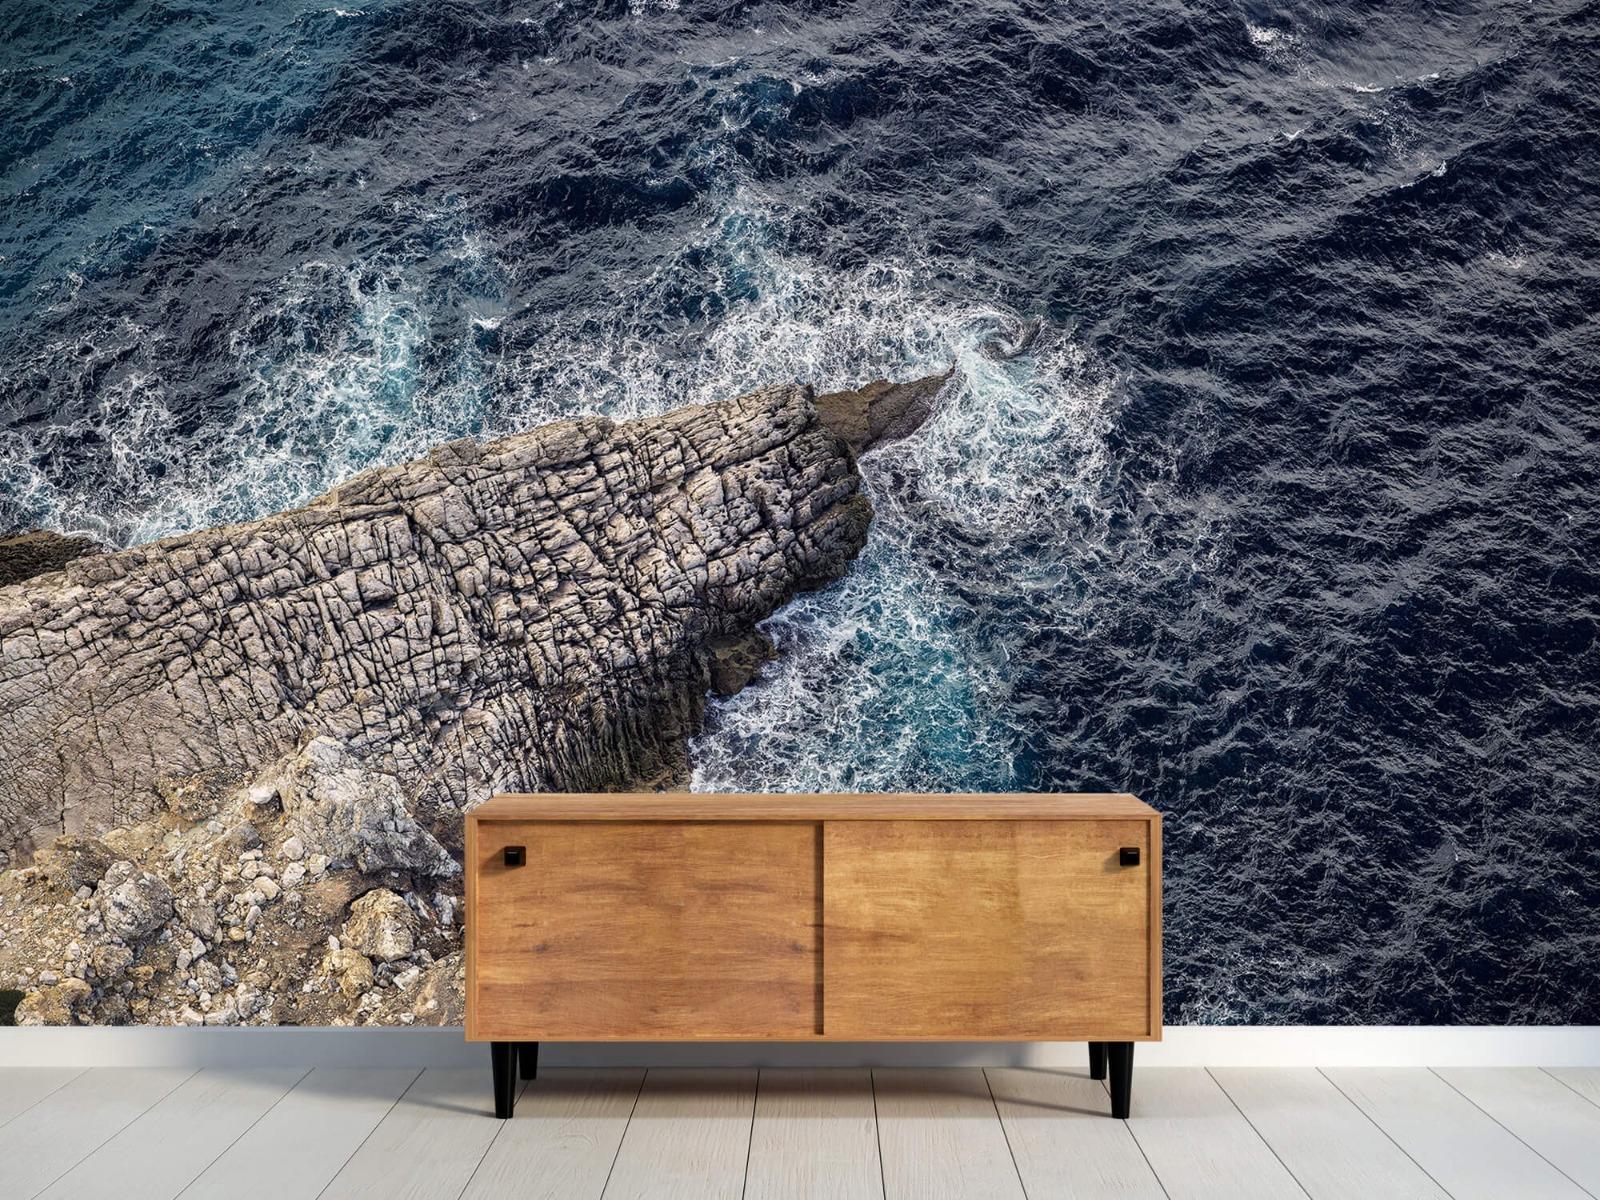 Zeeën en Oceanen - Rotspunt aan de kust - Slaapkamer 9